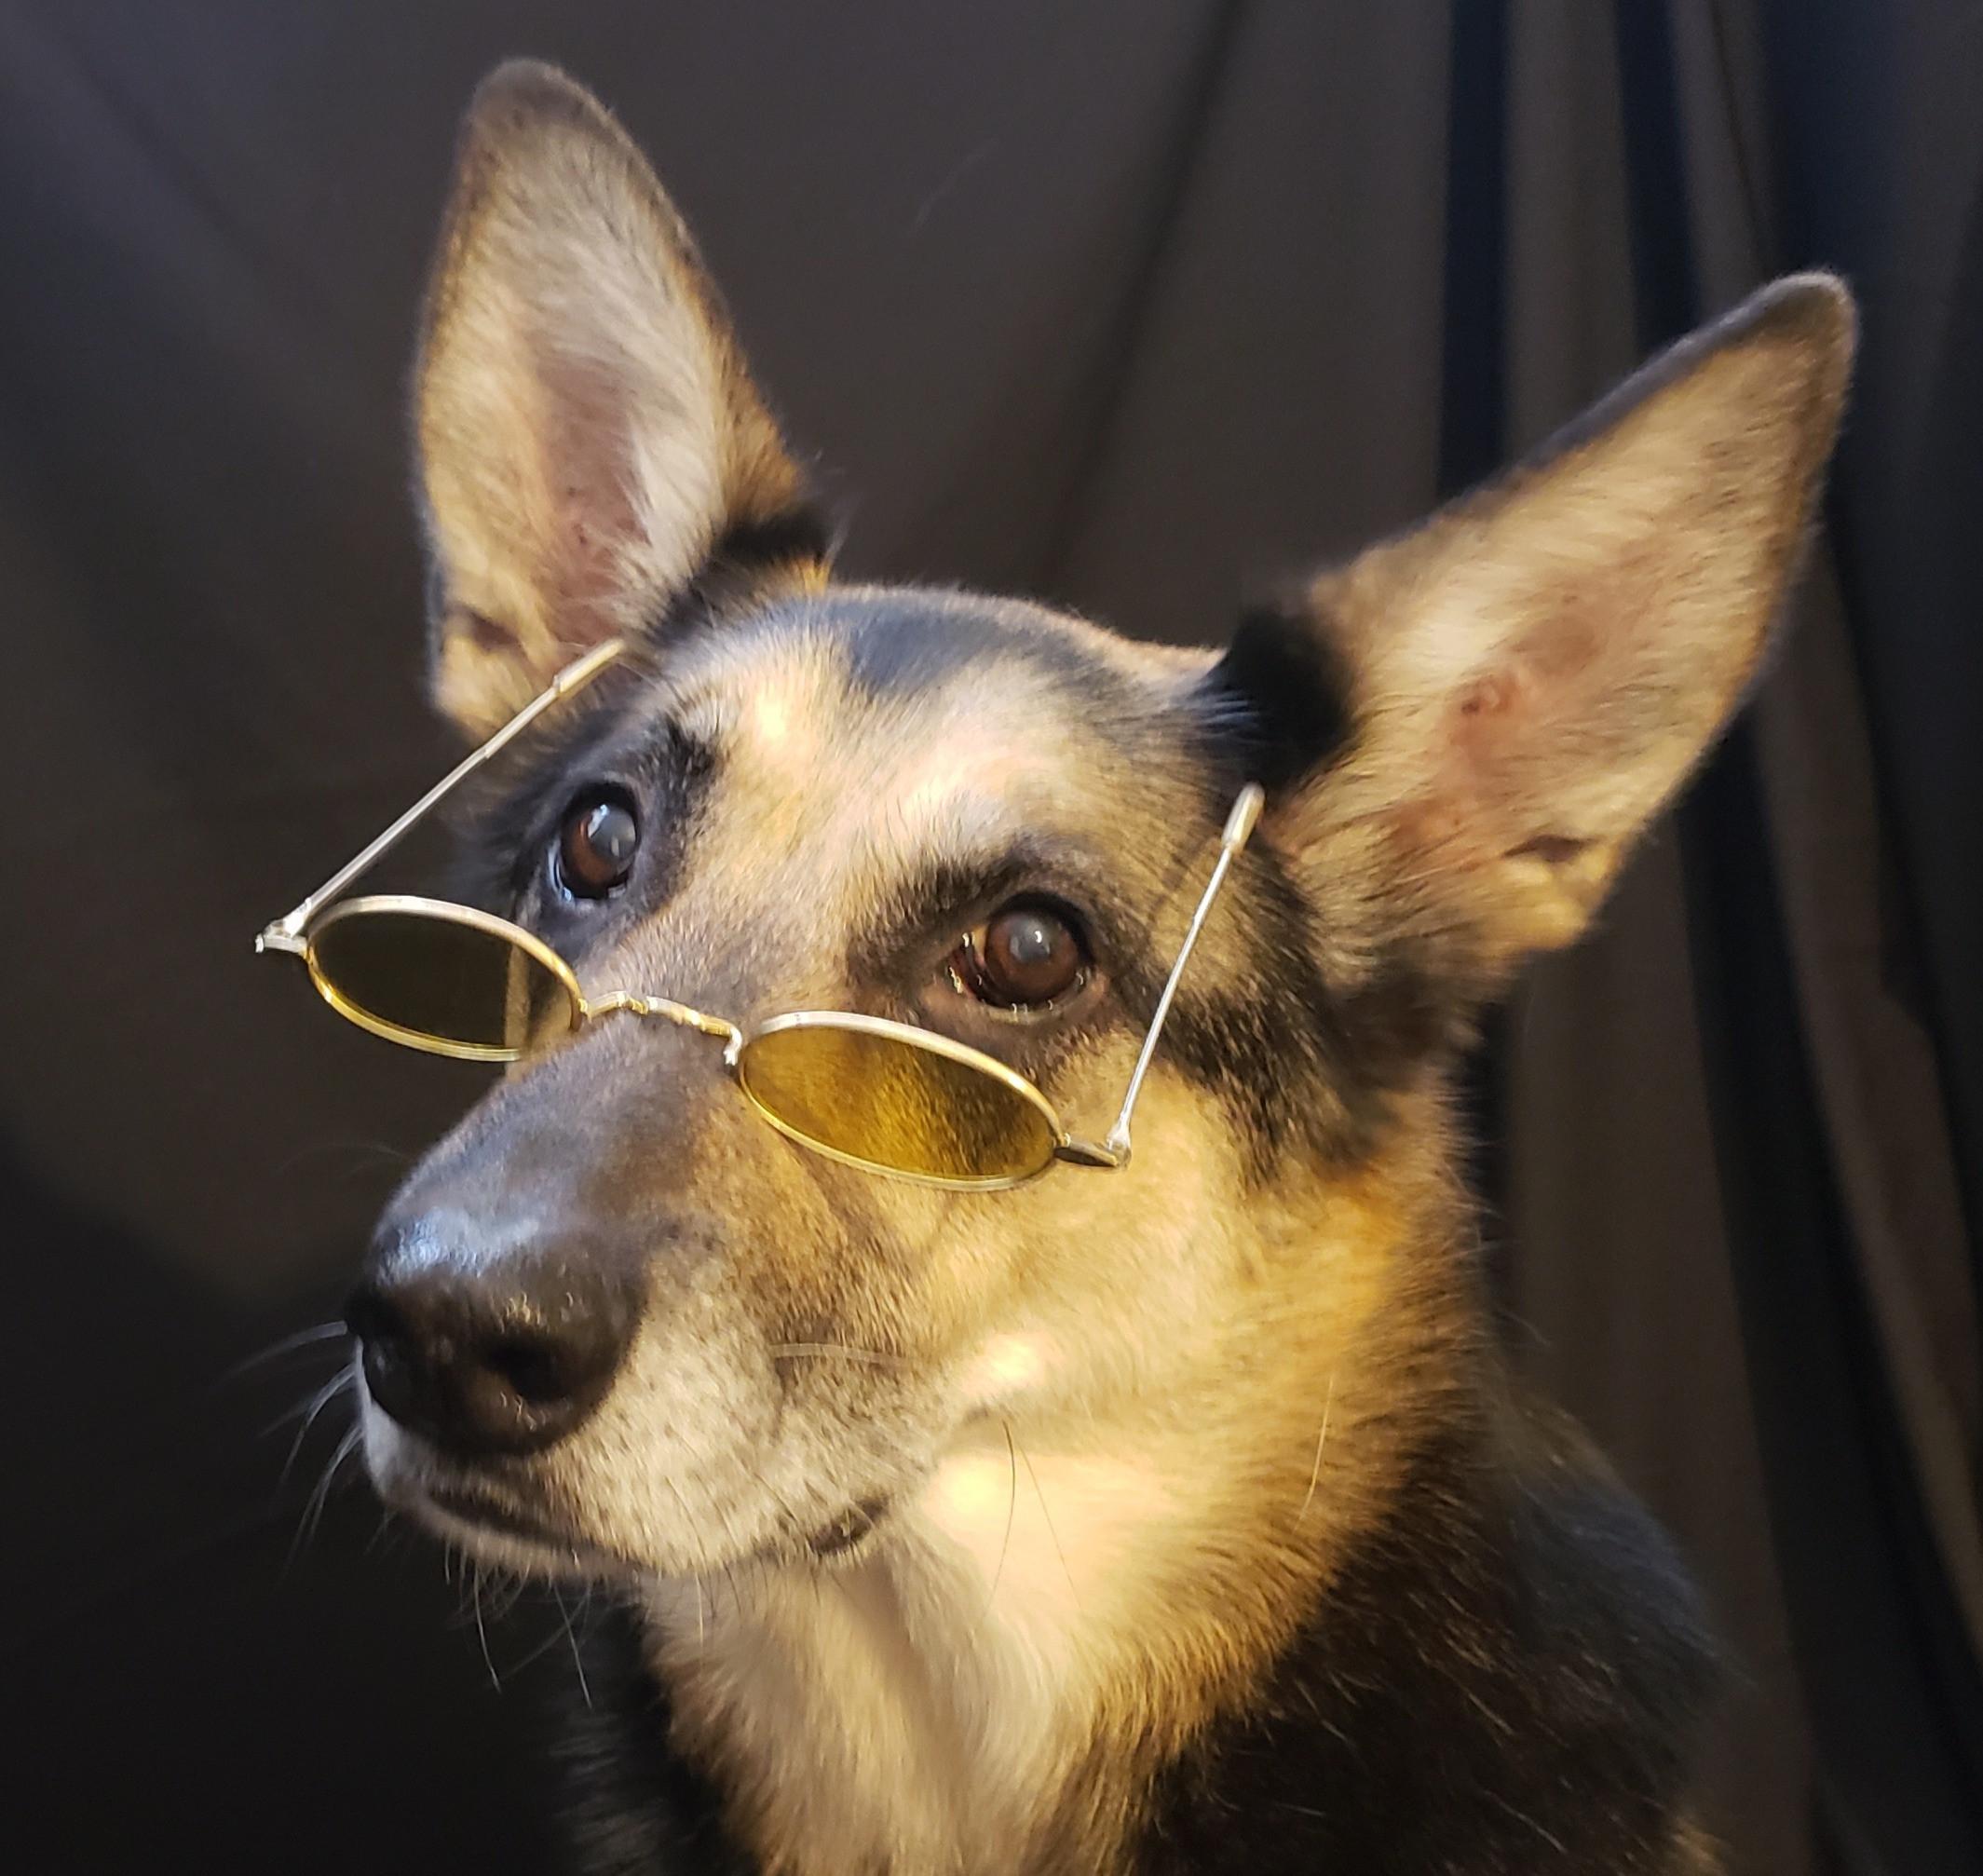 Dog Evaluation